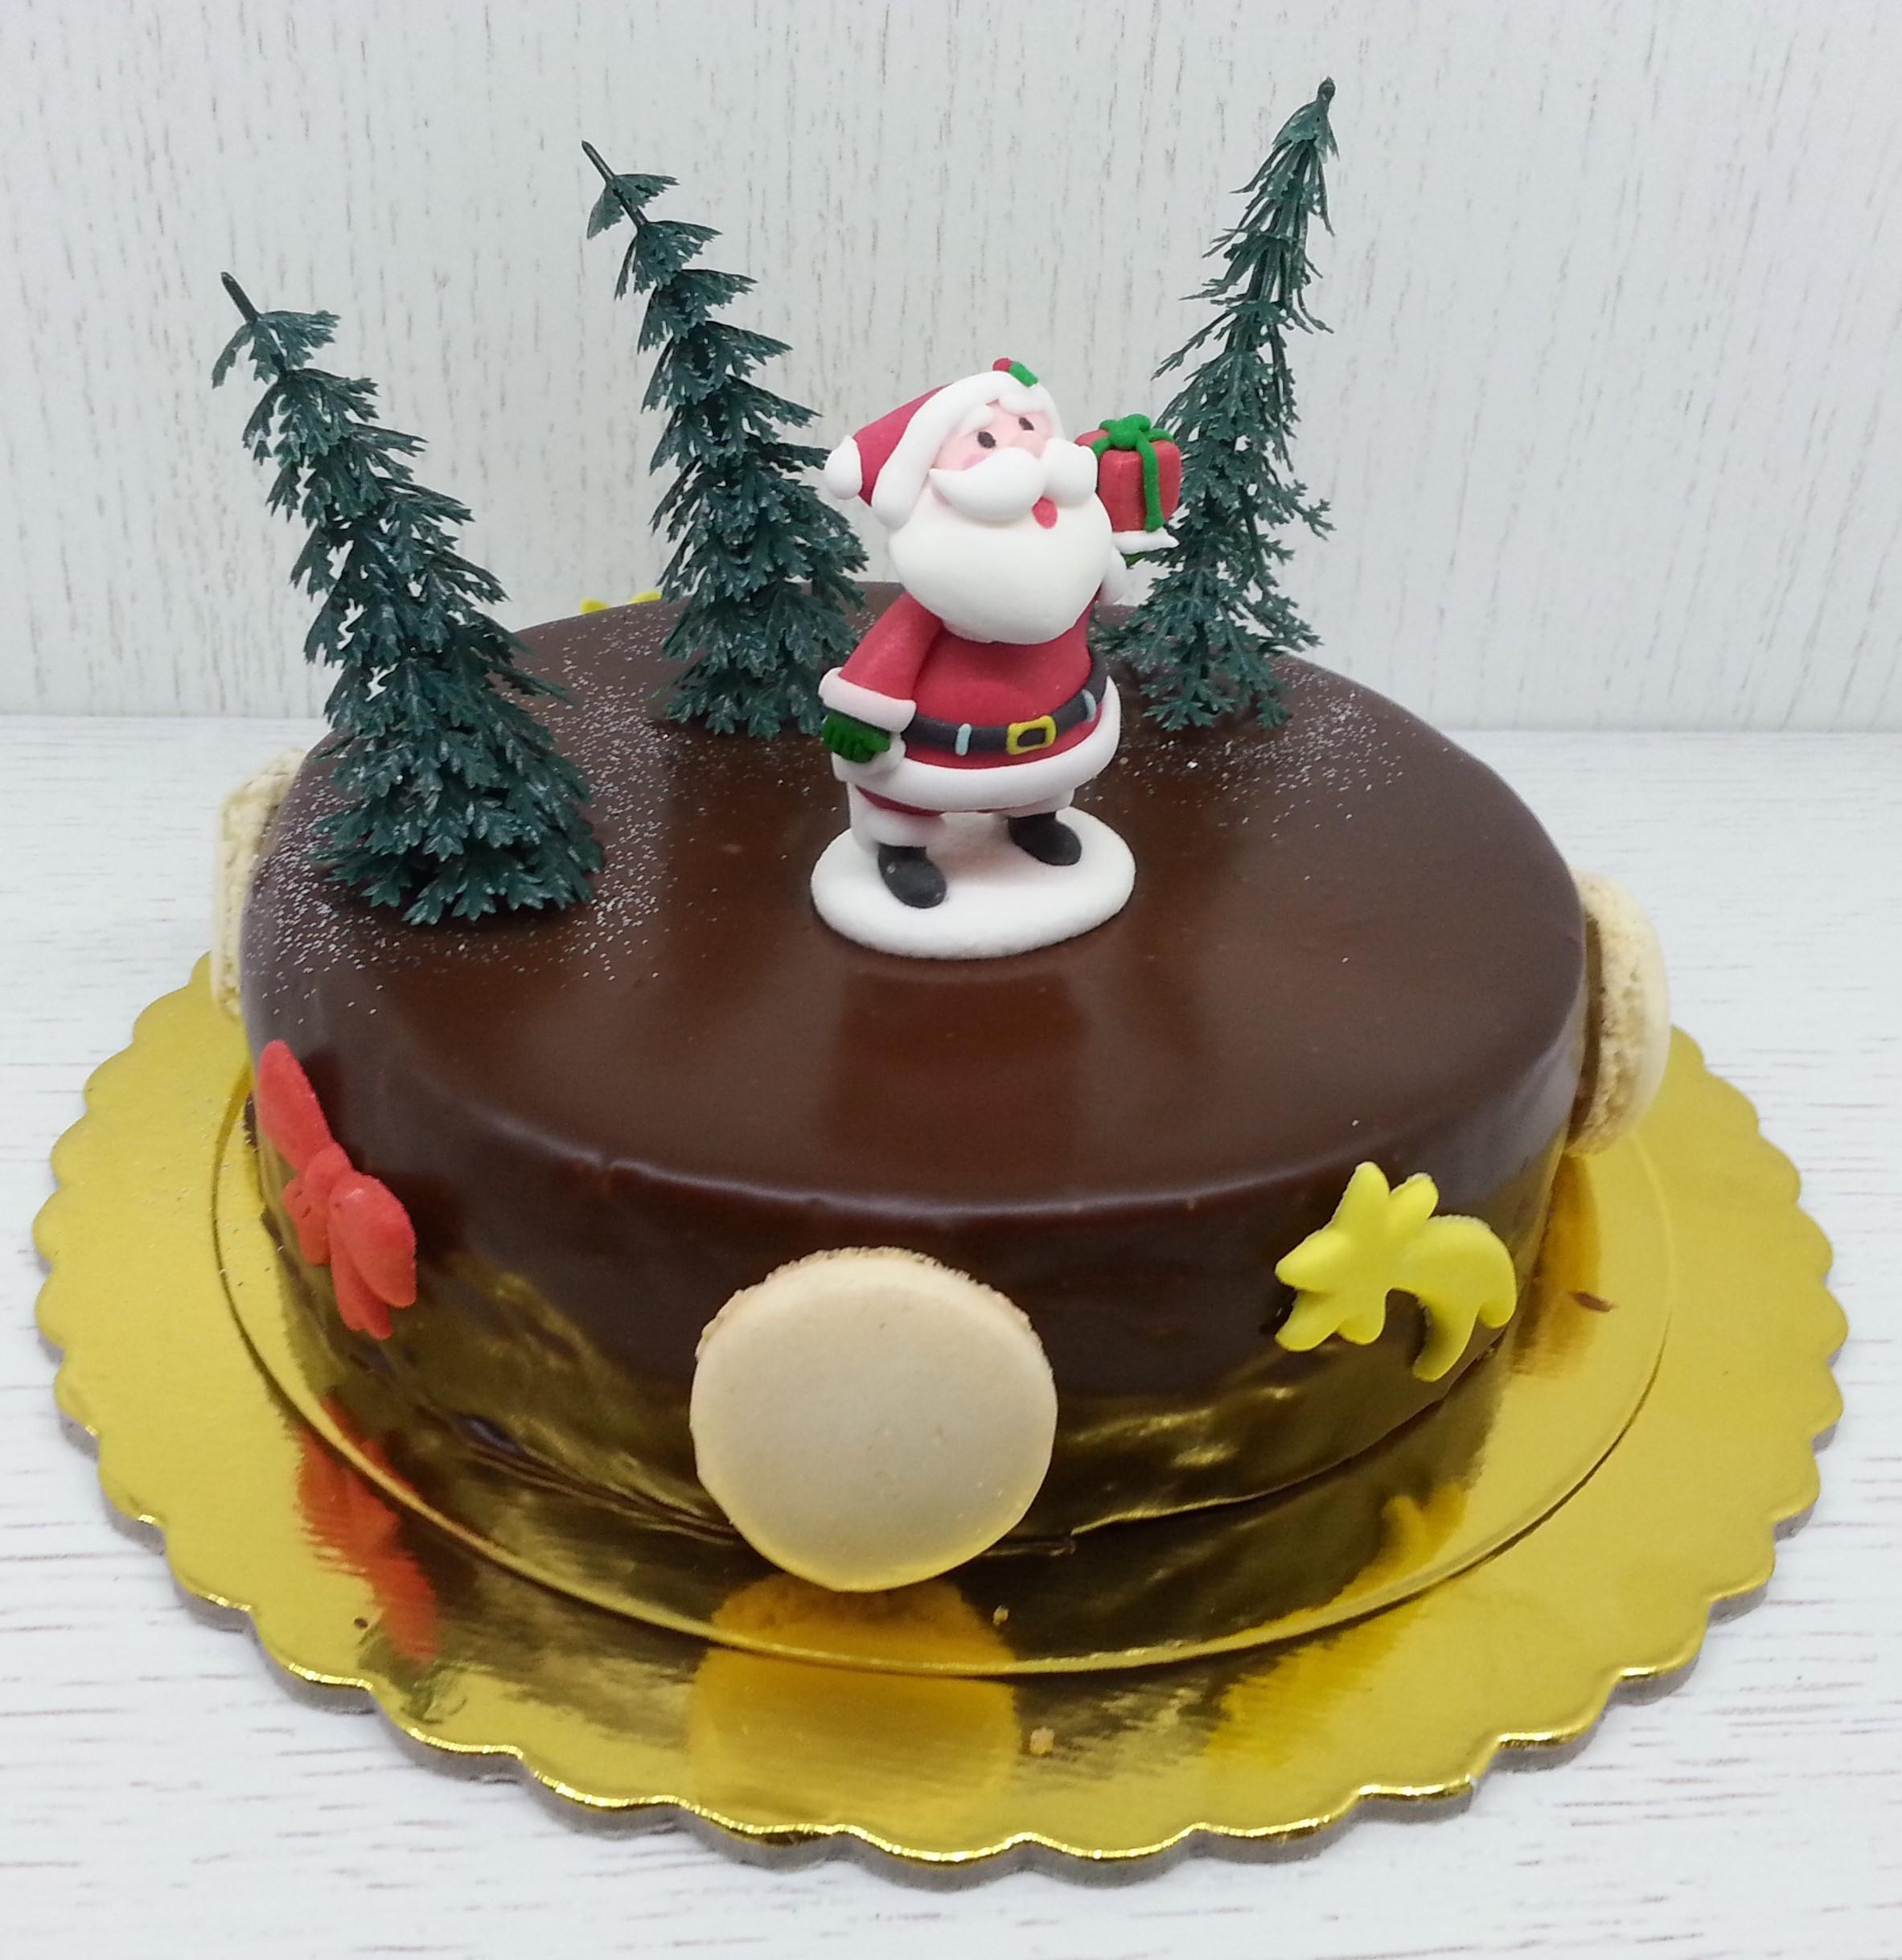 Kuchendeko weihnachten schlichte Motive